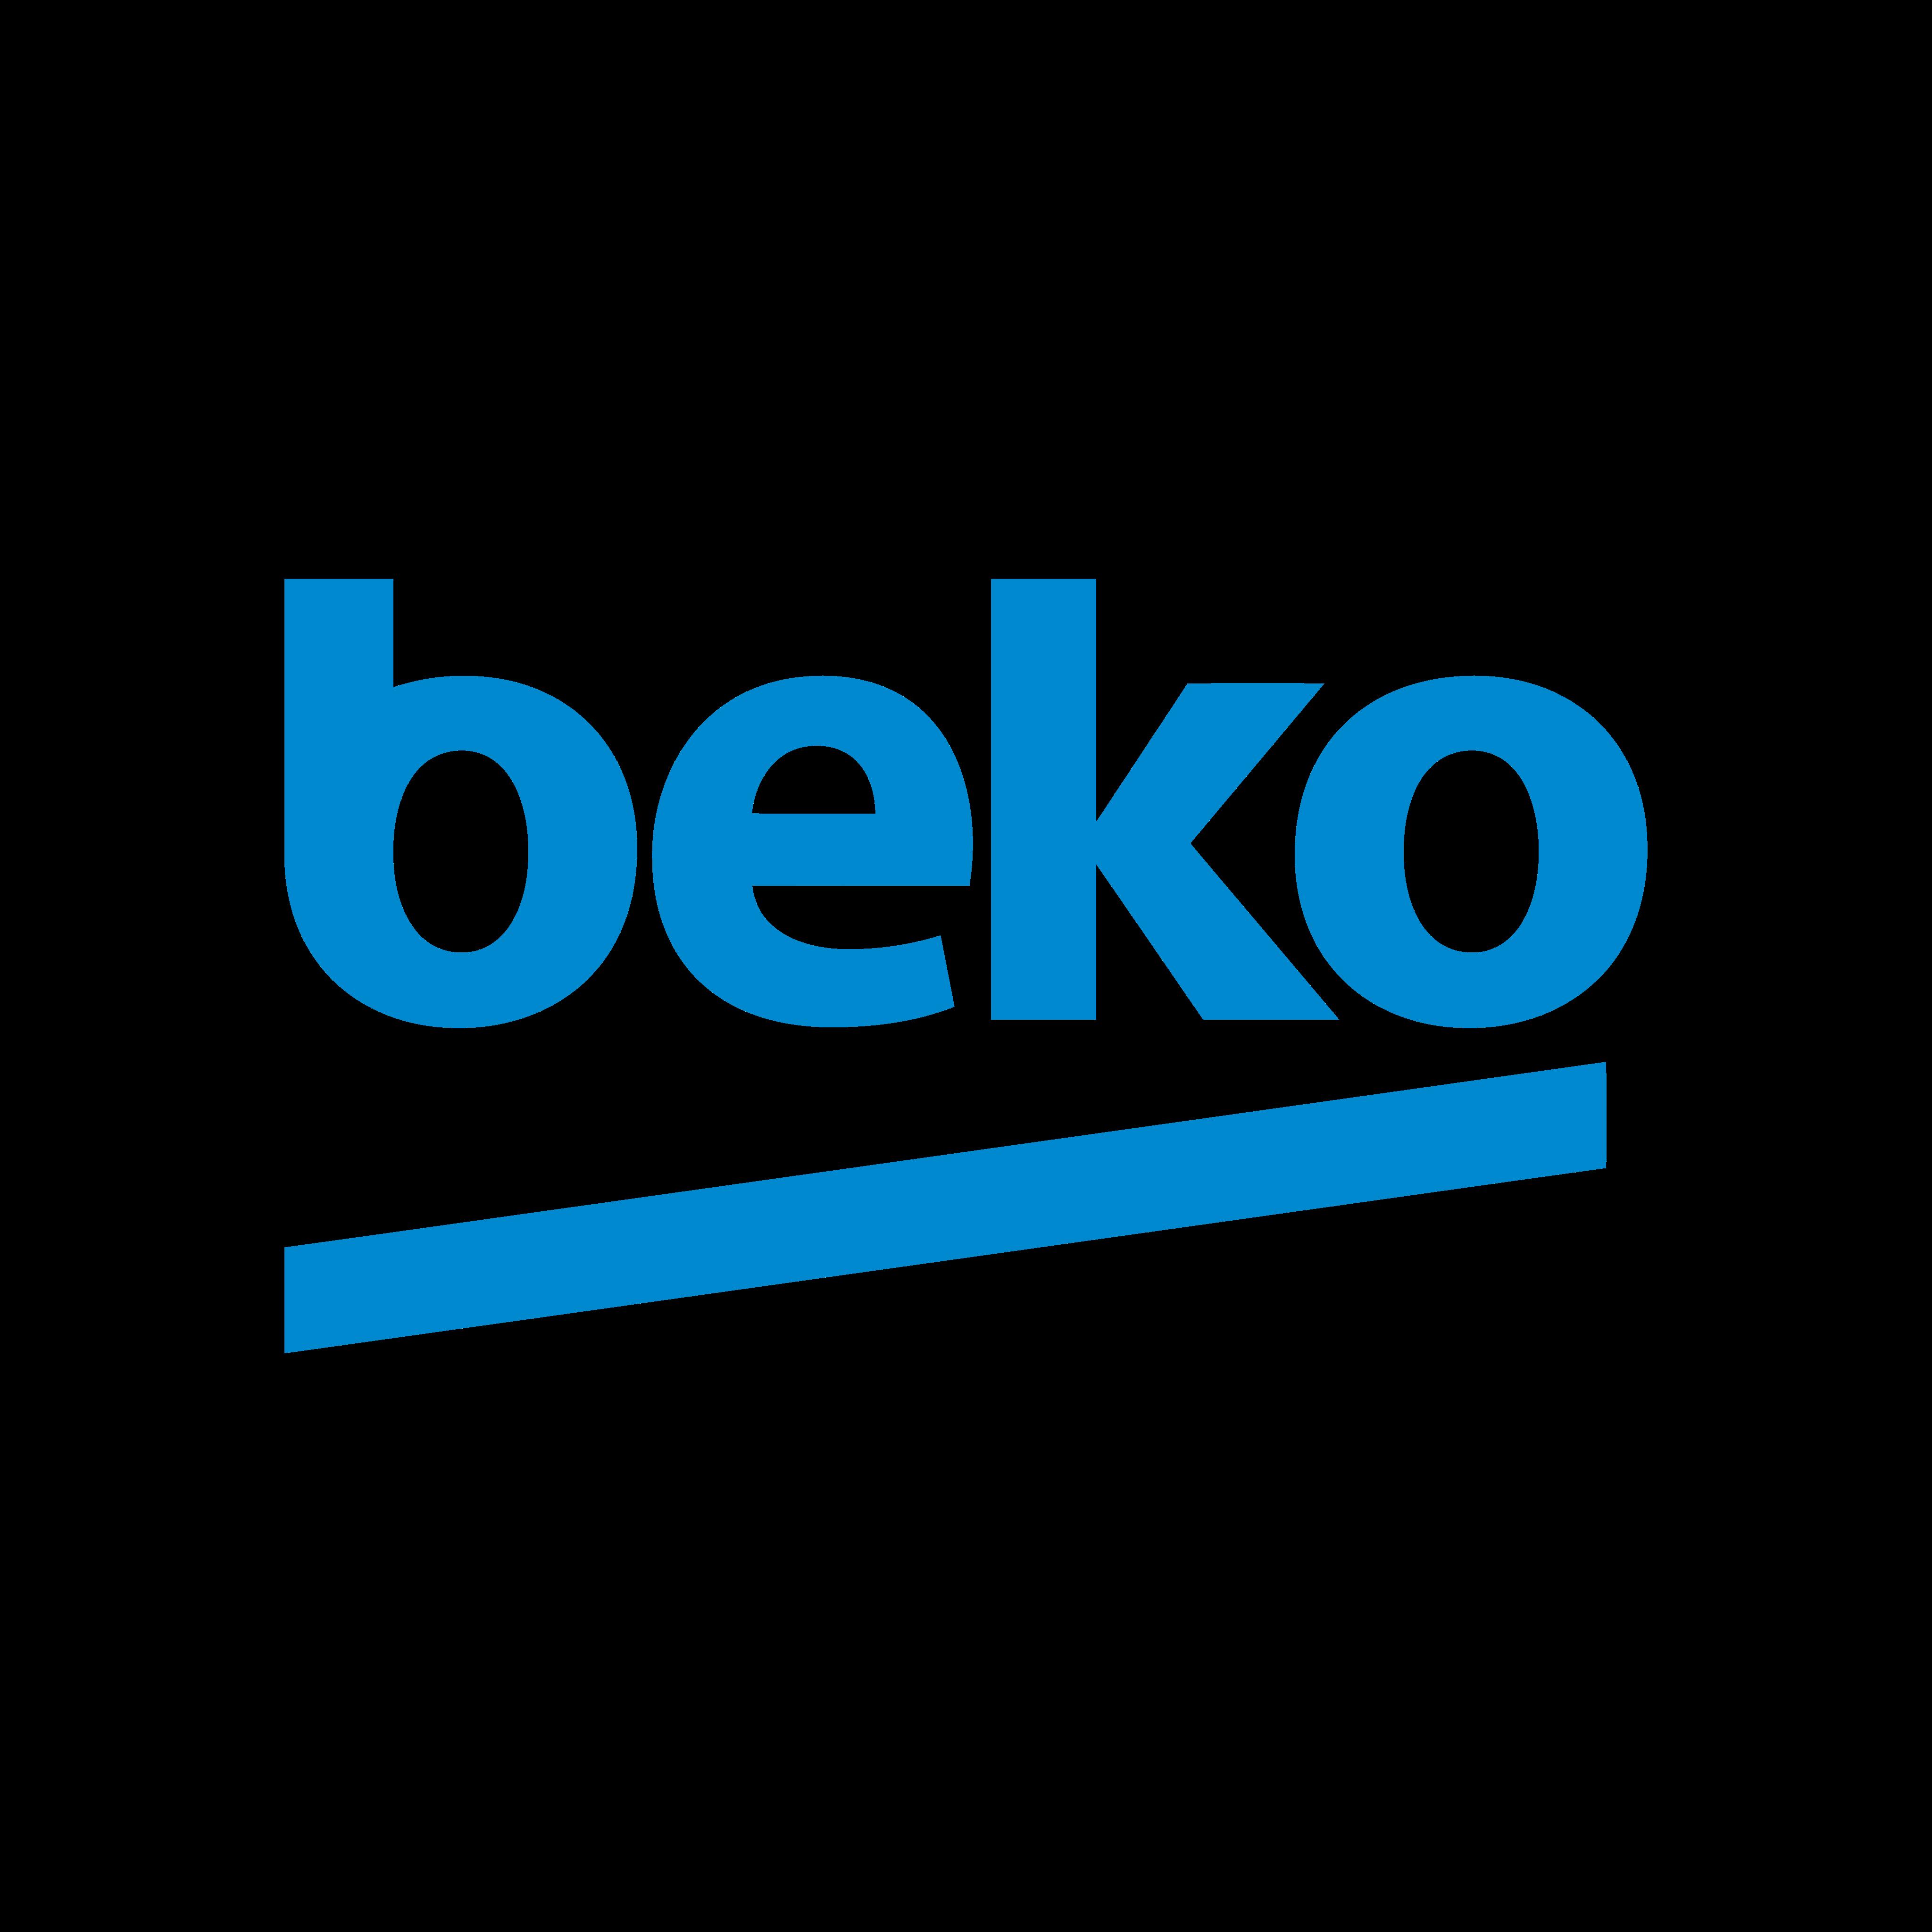 beko logo 0 - Beko Logo